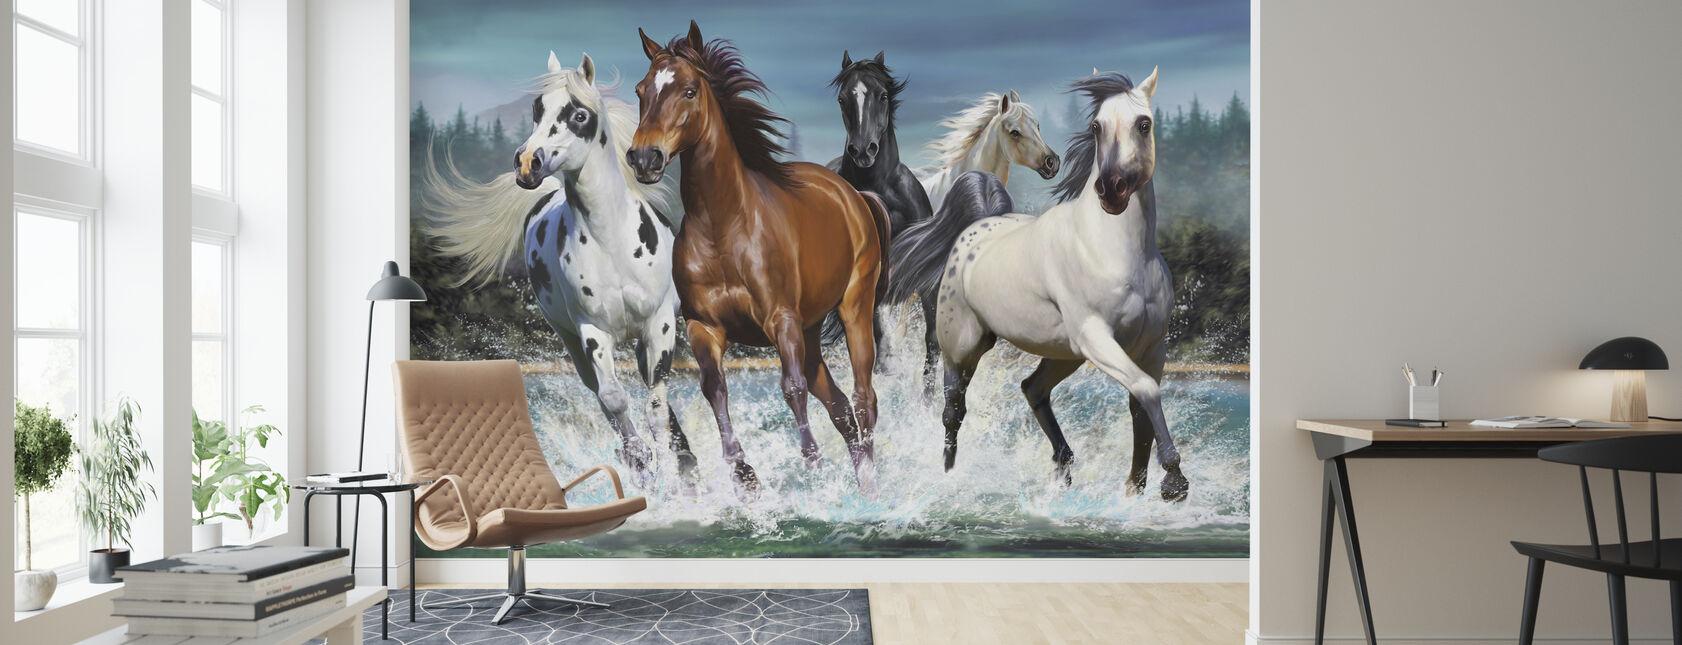 Running Horses - Wallpaper - Living Room